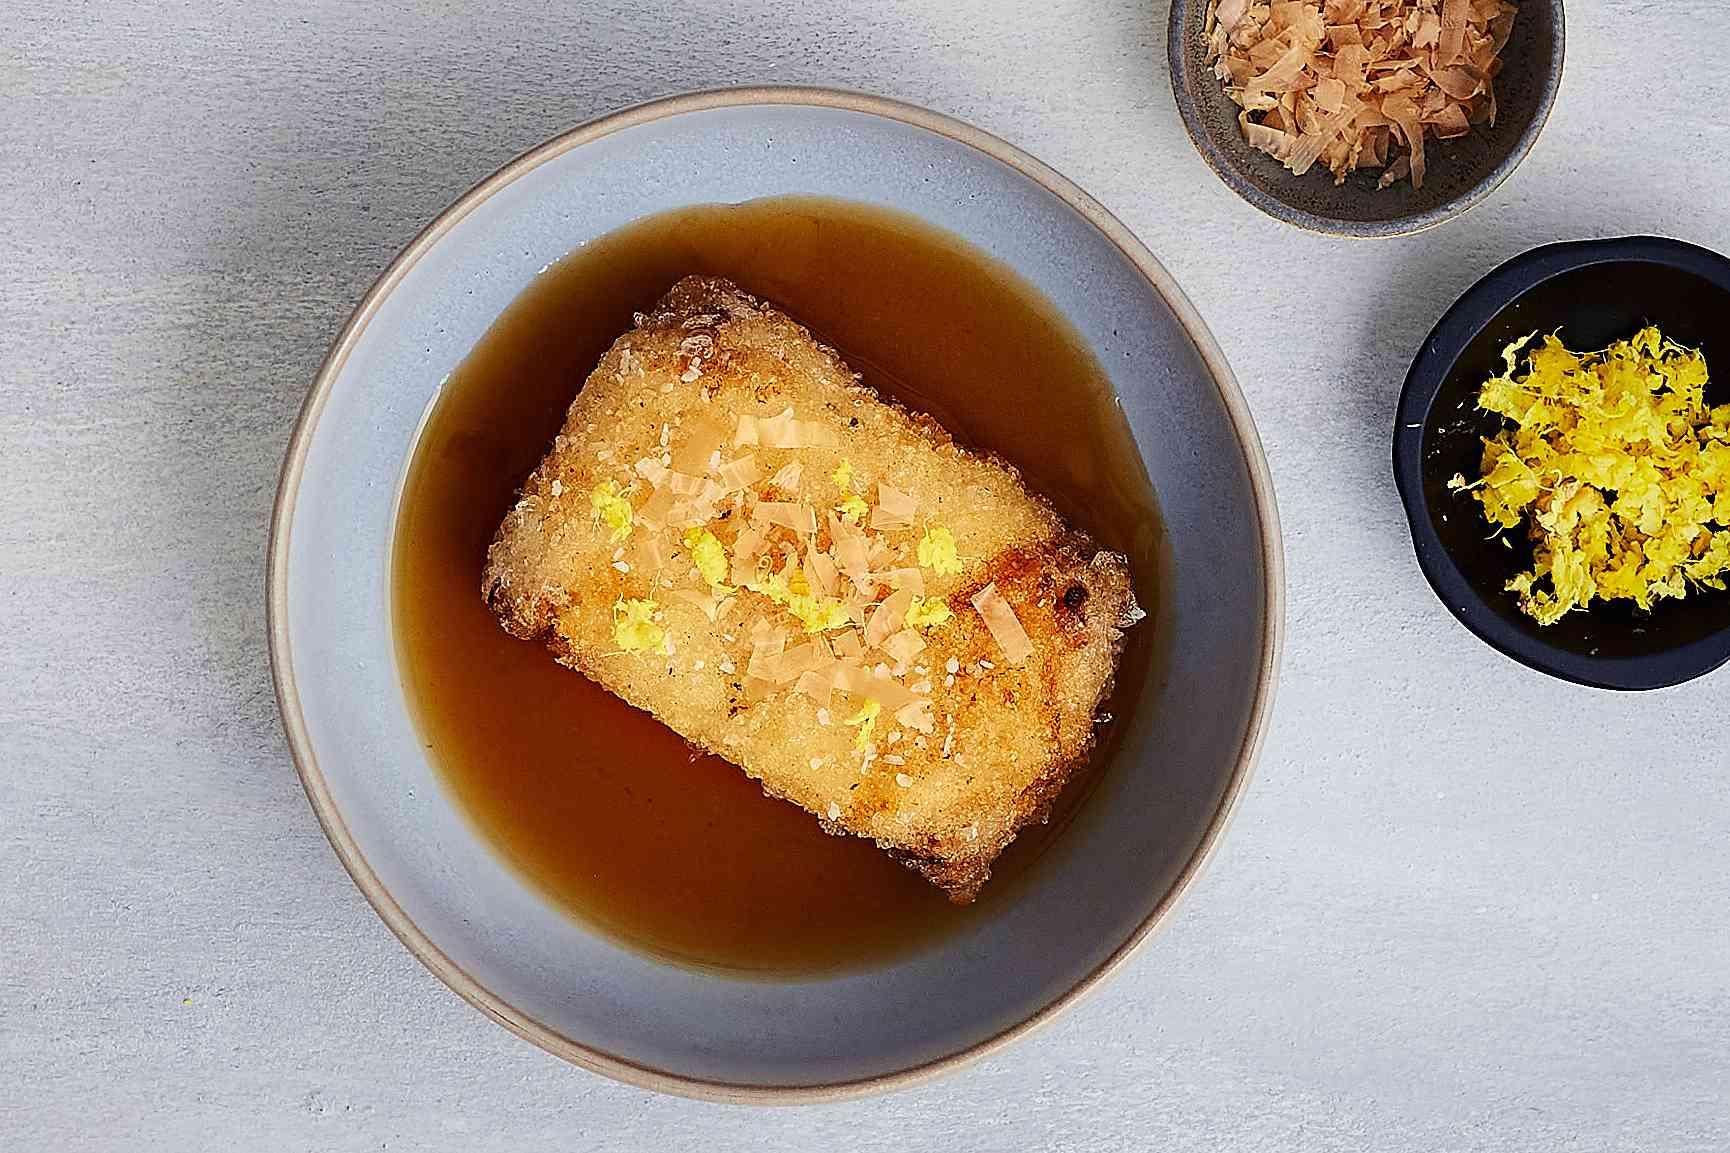 Agedashi Dofu: Japanese Fried Tofu in a Dashi-Based Sauce, garnished with grated ginger and bonito flakes